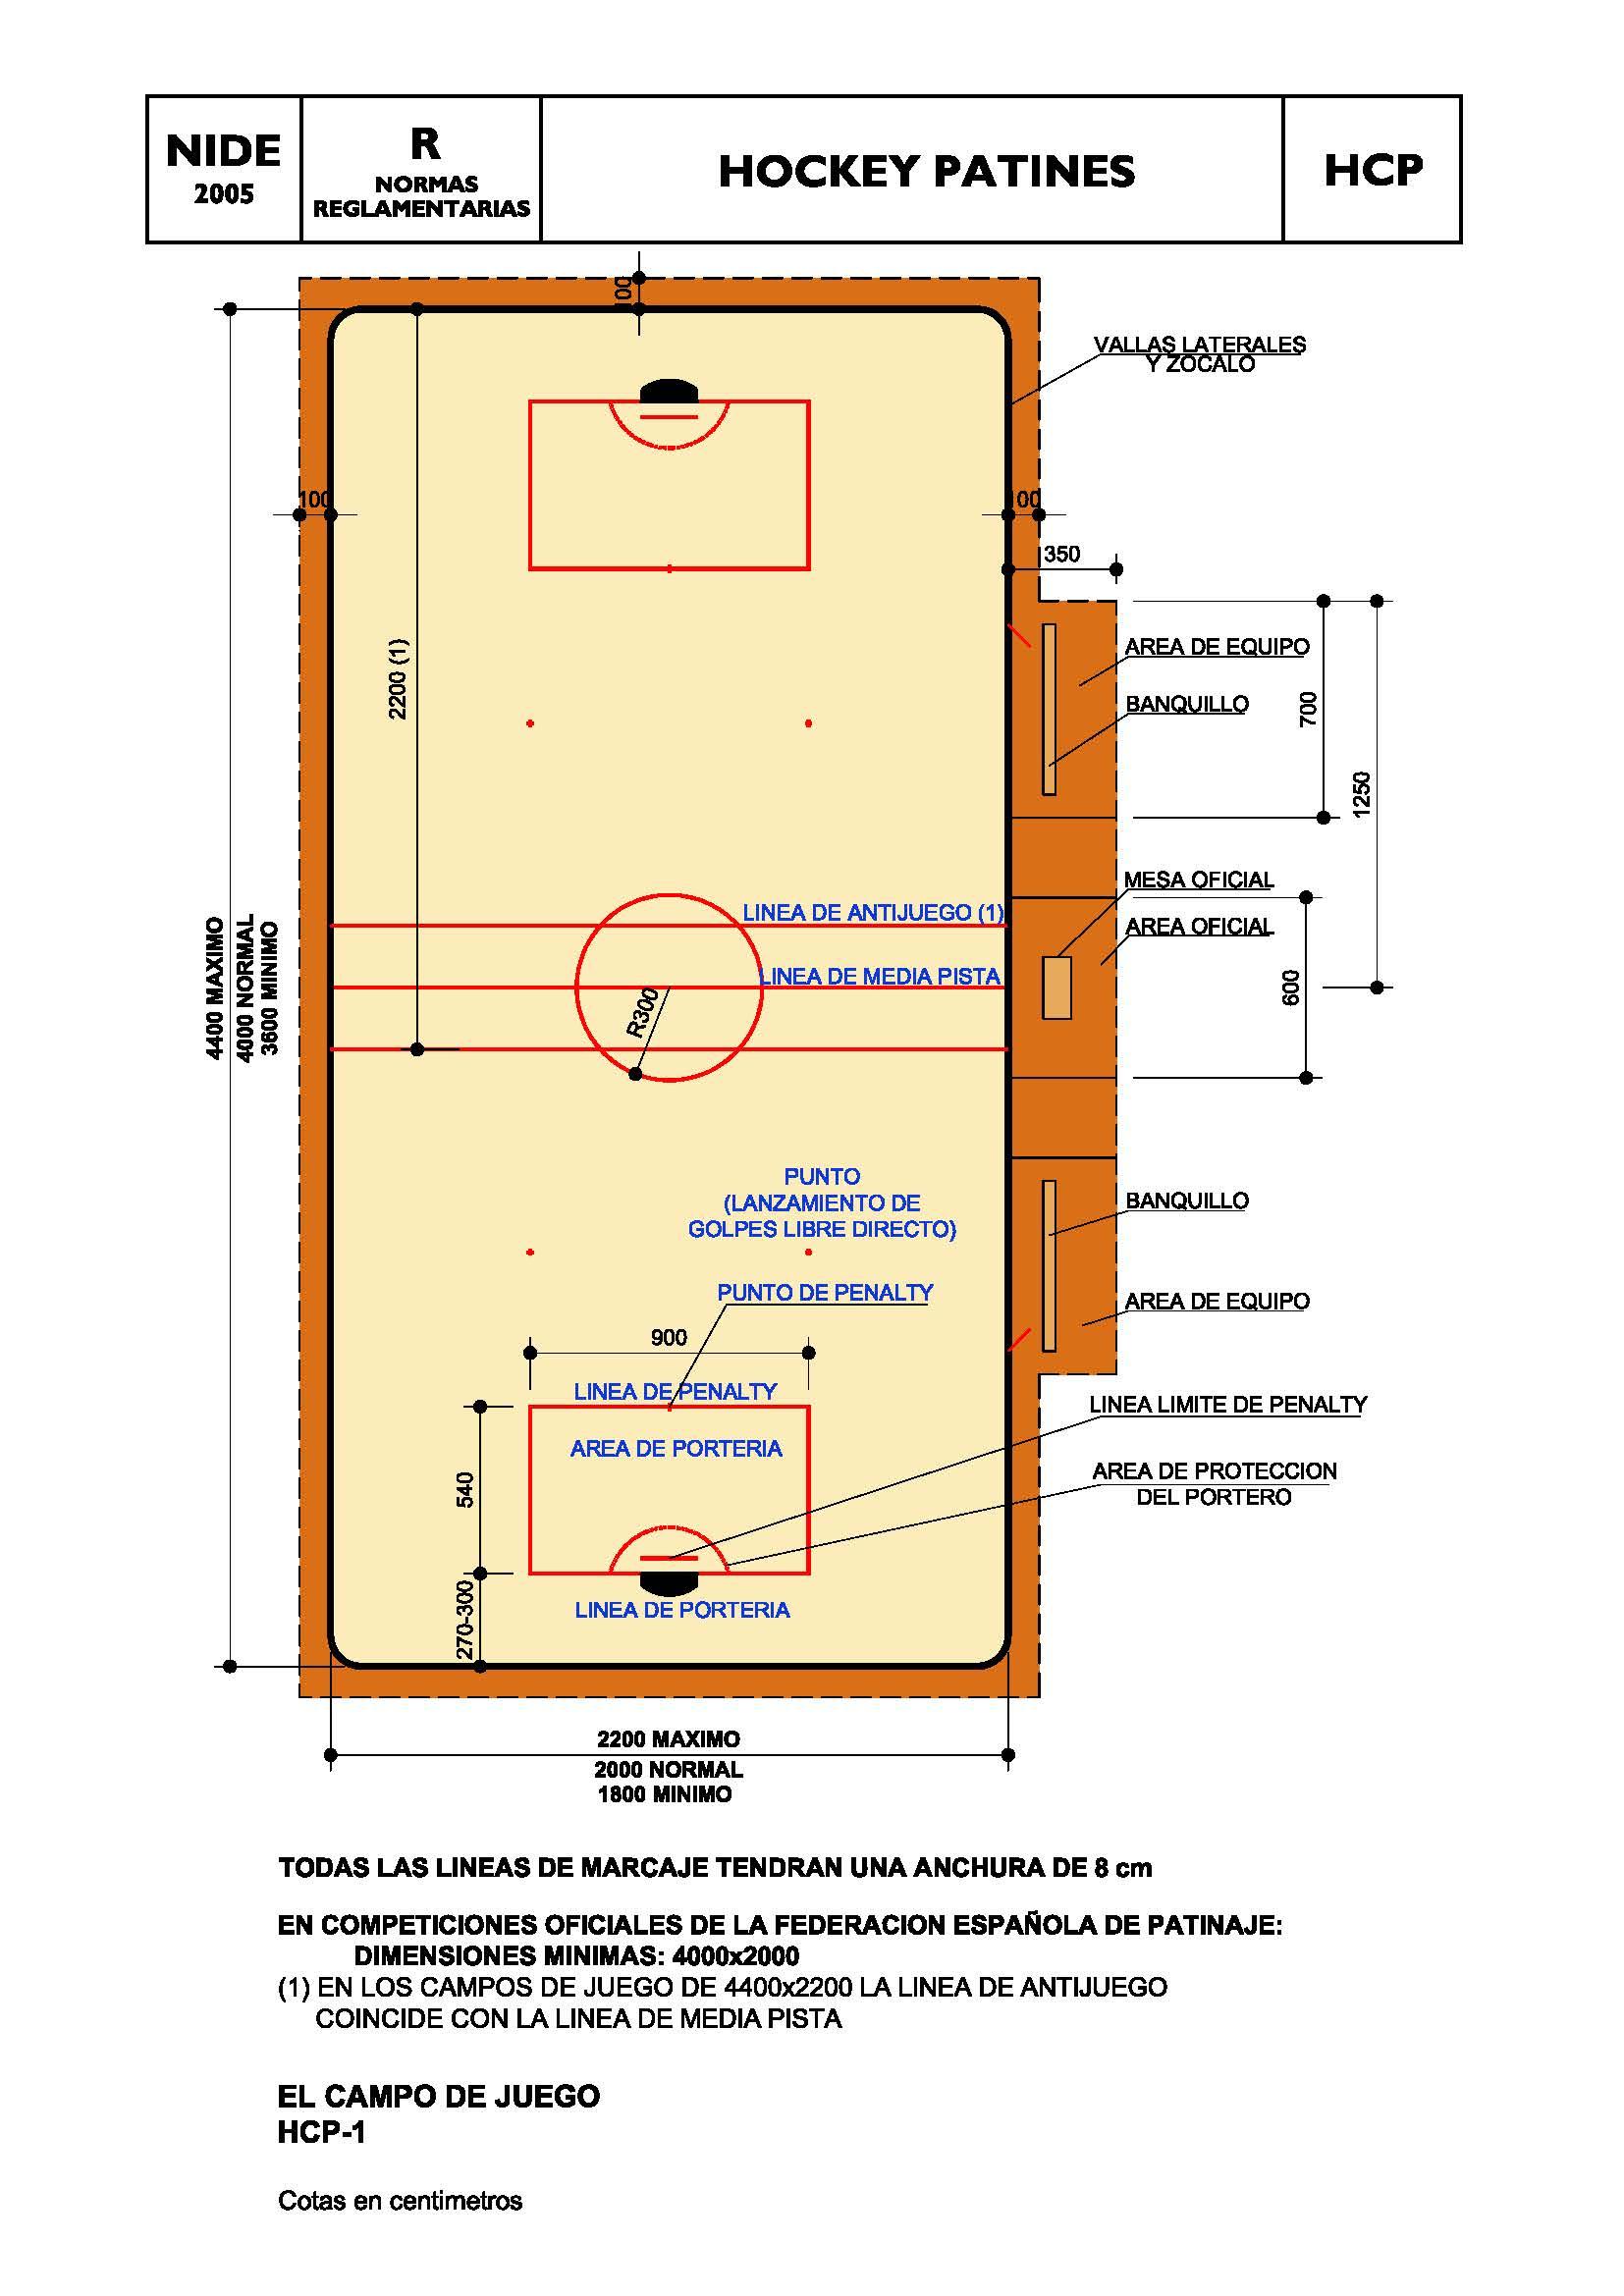 Pista futbol sala dimensiones excellent pistas atletismo for Pista de futbol sala medidas